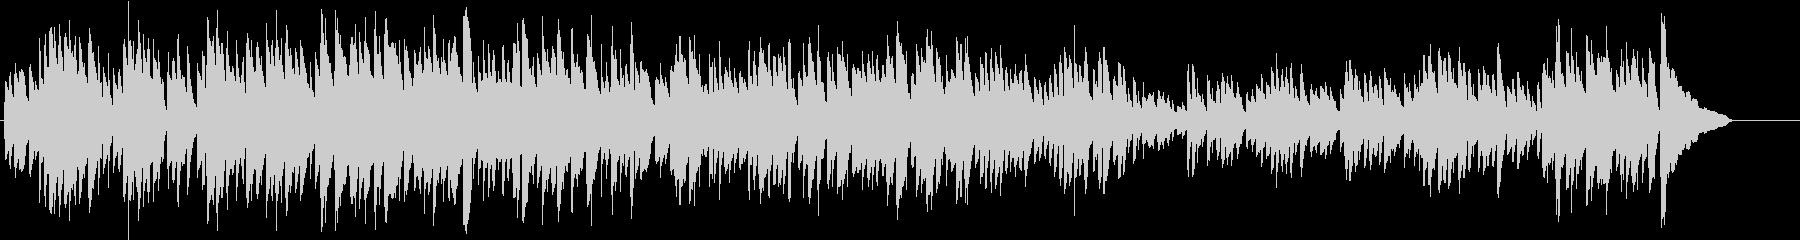 チェンバロの古風な曲バッハインベンションの未再生の波形